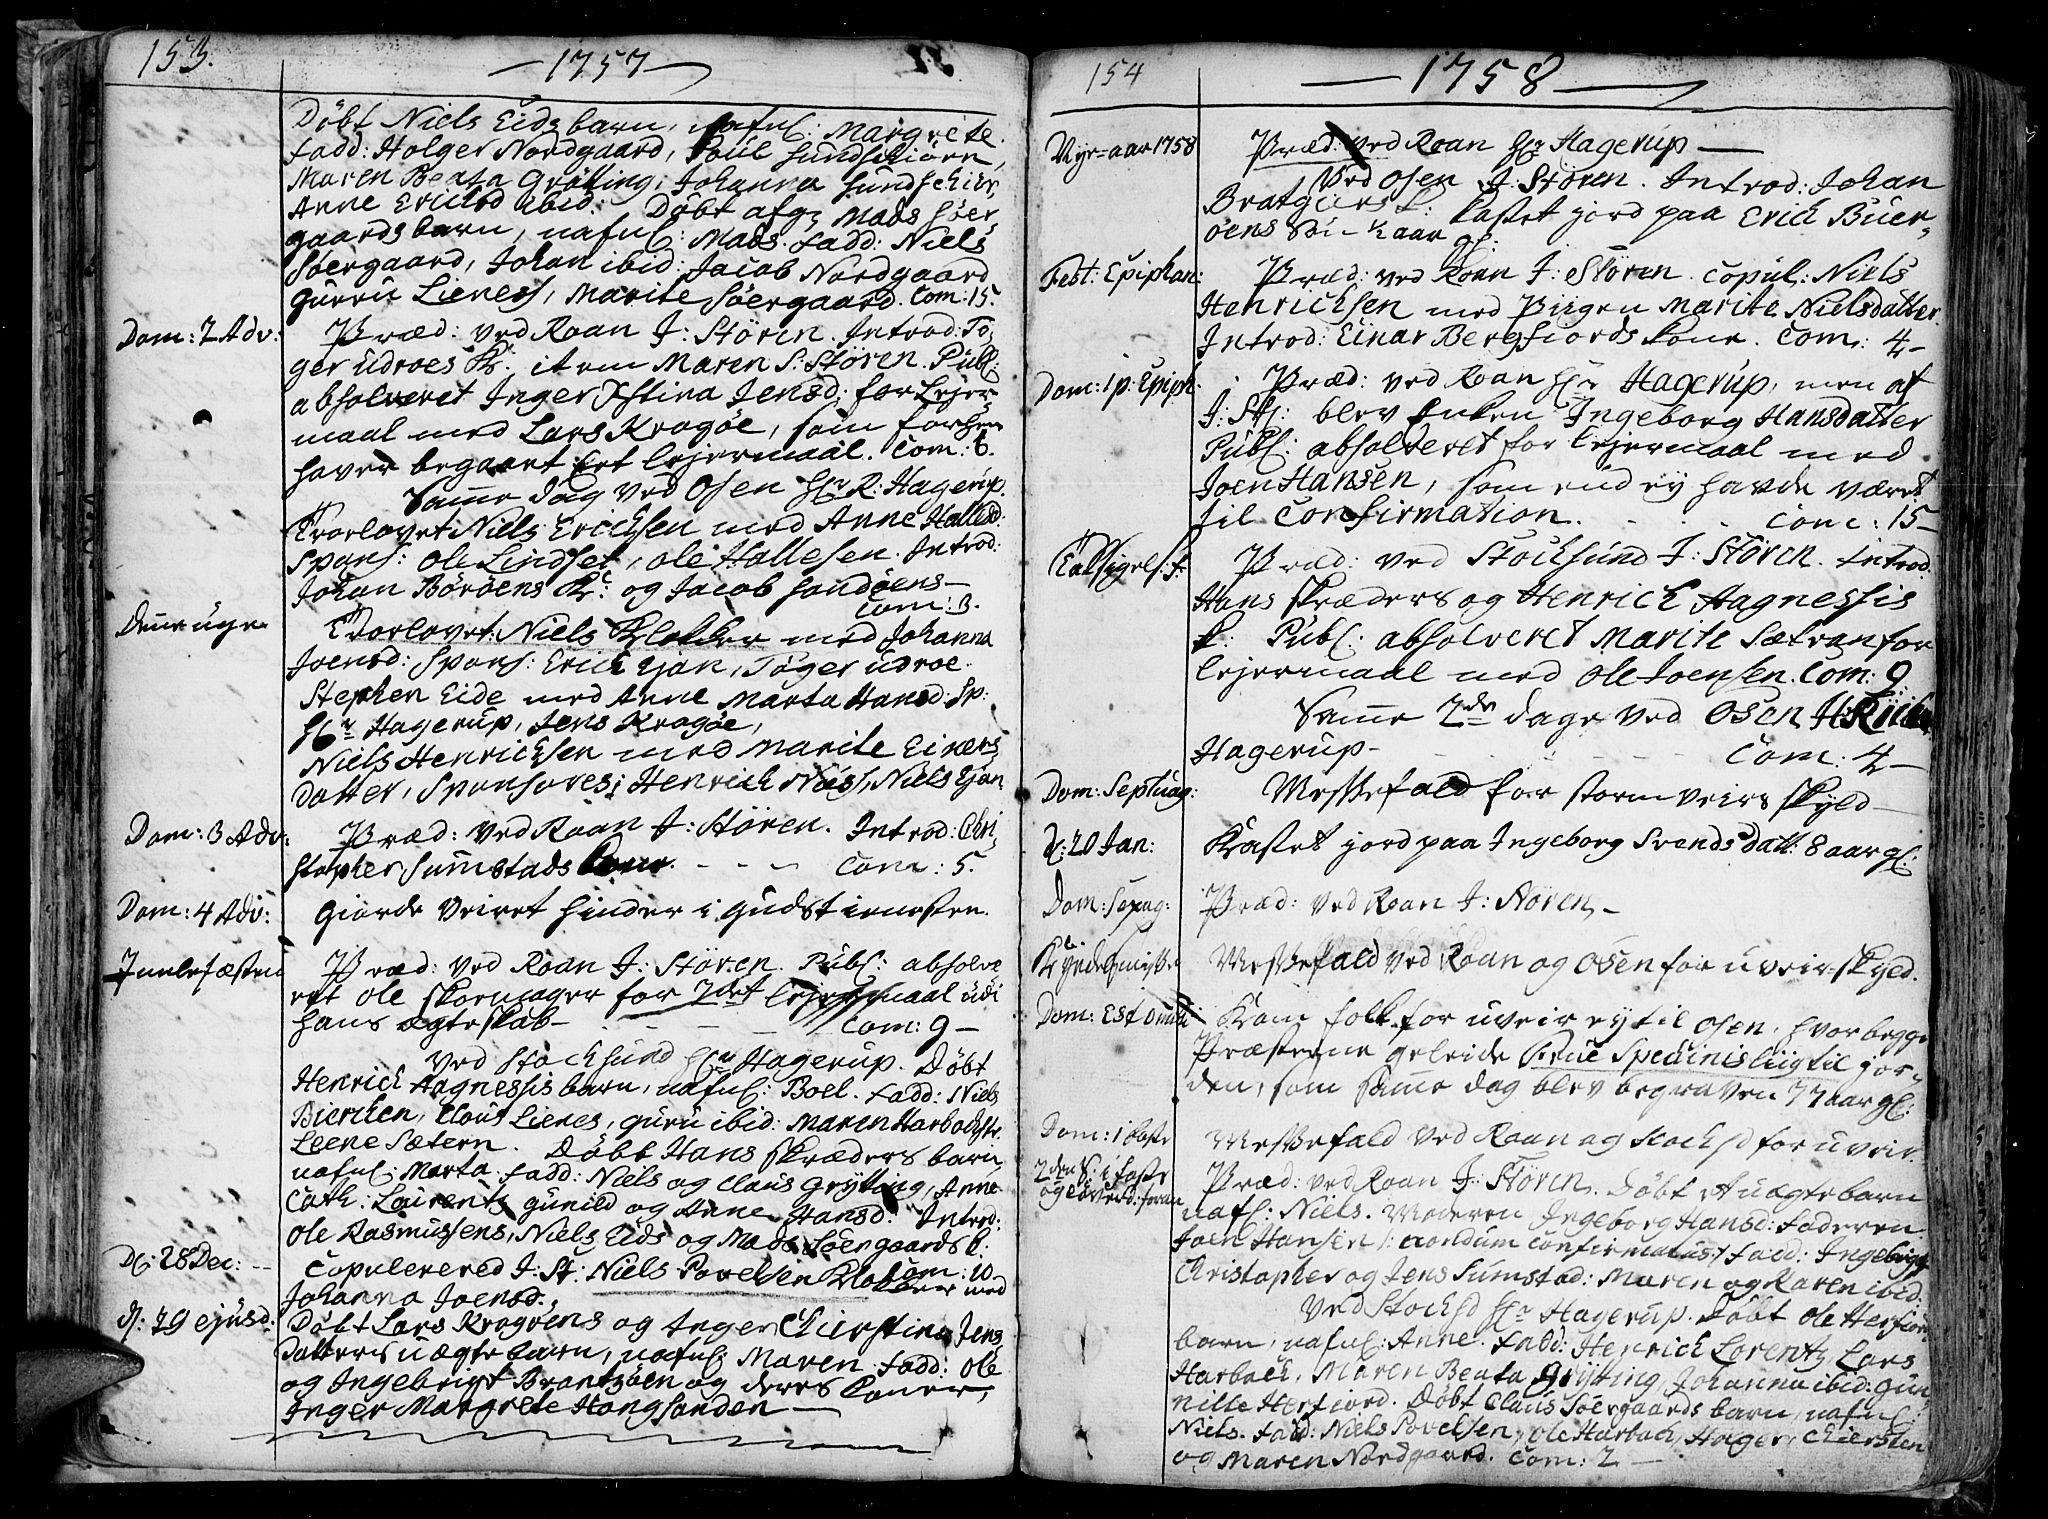 SAT, Ministerialprotokoller, klokkerbøker og fødselsregistre - Sør-Trøndelag, 657/L0700: Ministerialbok nr. 657A01, 1732-1801, s. 153-154